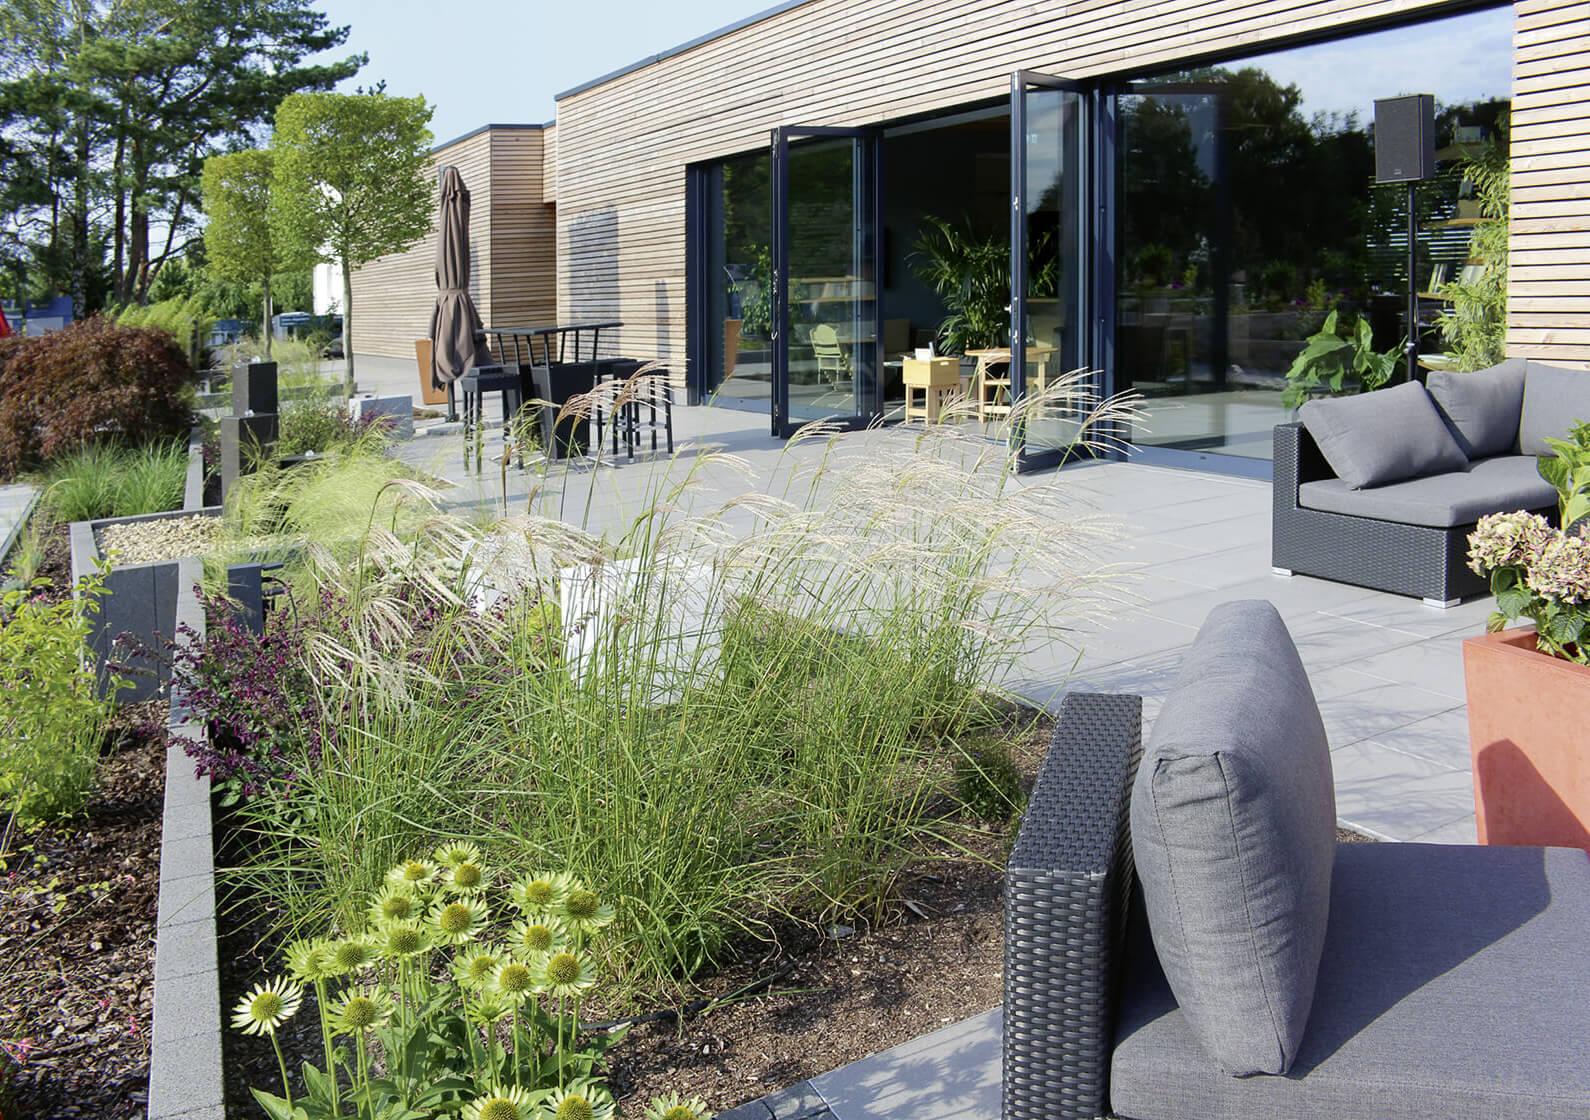 Eingangsbereich des Ideengartens Berlin mit Terrassenplatten, Beeten mit Gräsern und Loungemöbeln.